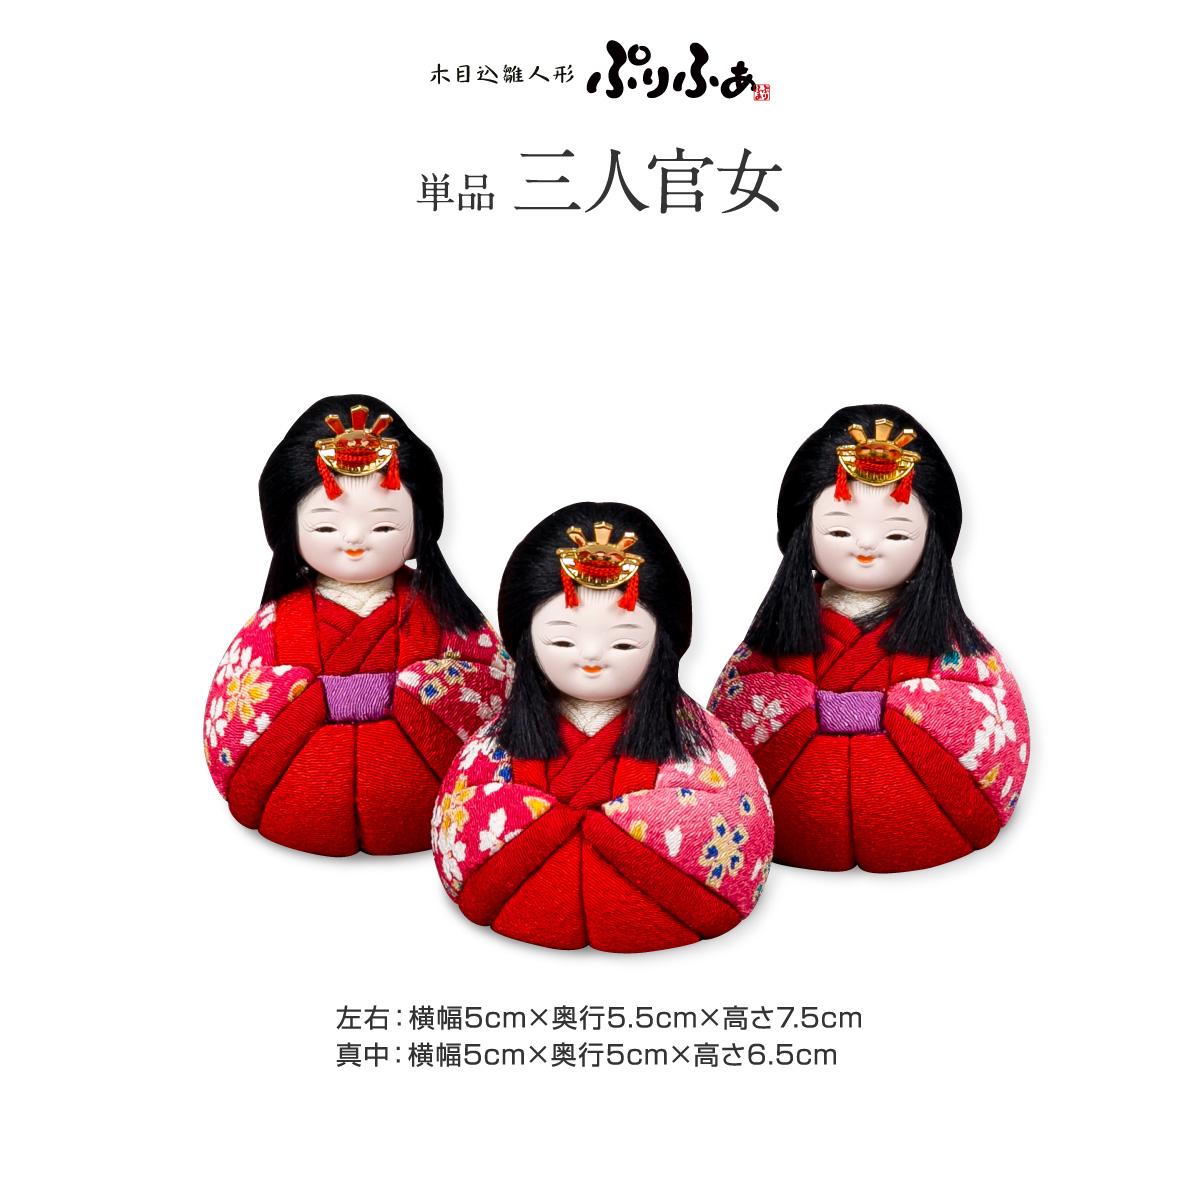 ぷりふあシリーズ 木目込み三人官女 単品販売 (官女3体セット) 特選